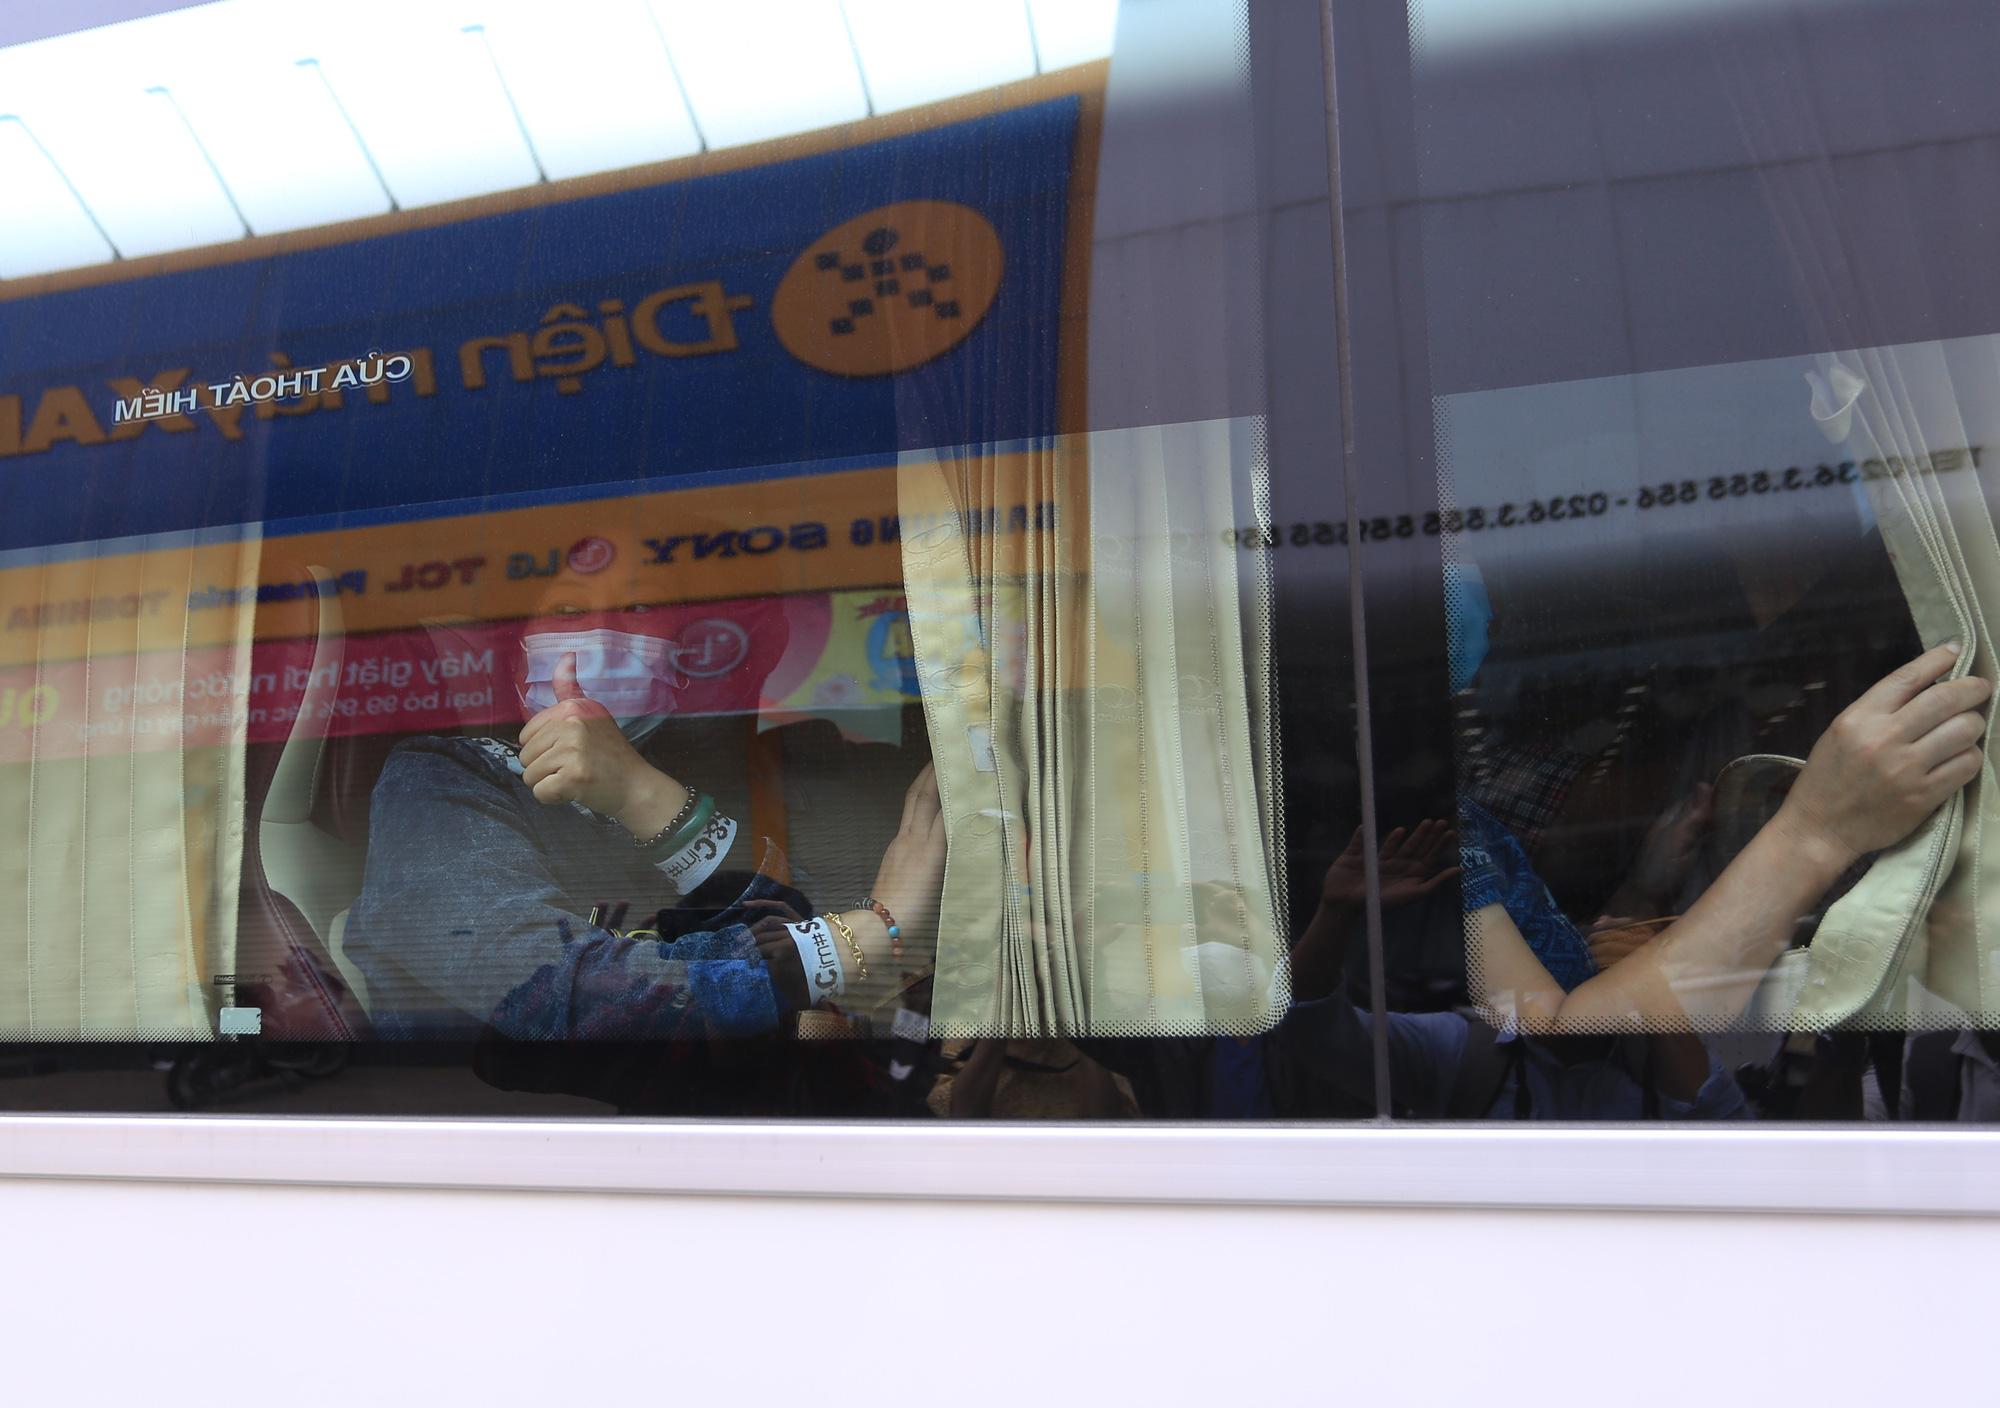 Du khách nước ngoài vui mừng rời khu cách ly ở Đà Nẵng: Cảm ơn các bạn và chúng tôi sẽ quay lại vào một ngày thuận lợi hơn - Ảnh 11.